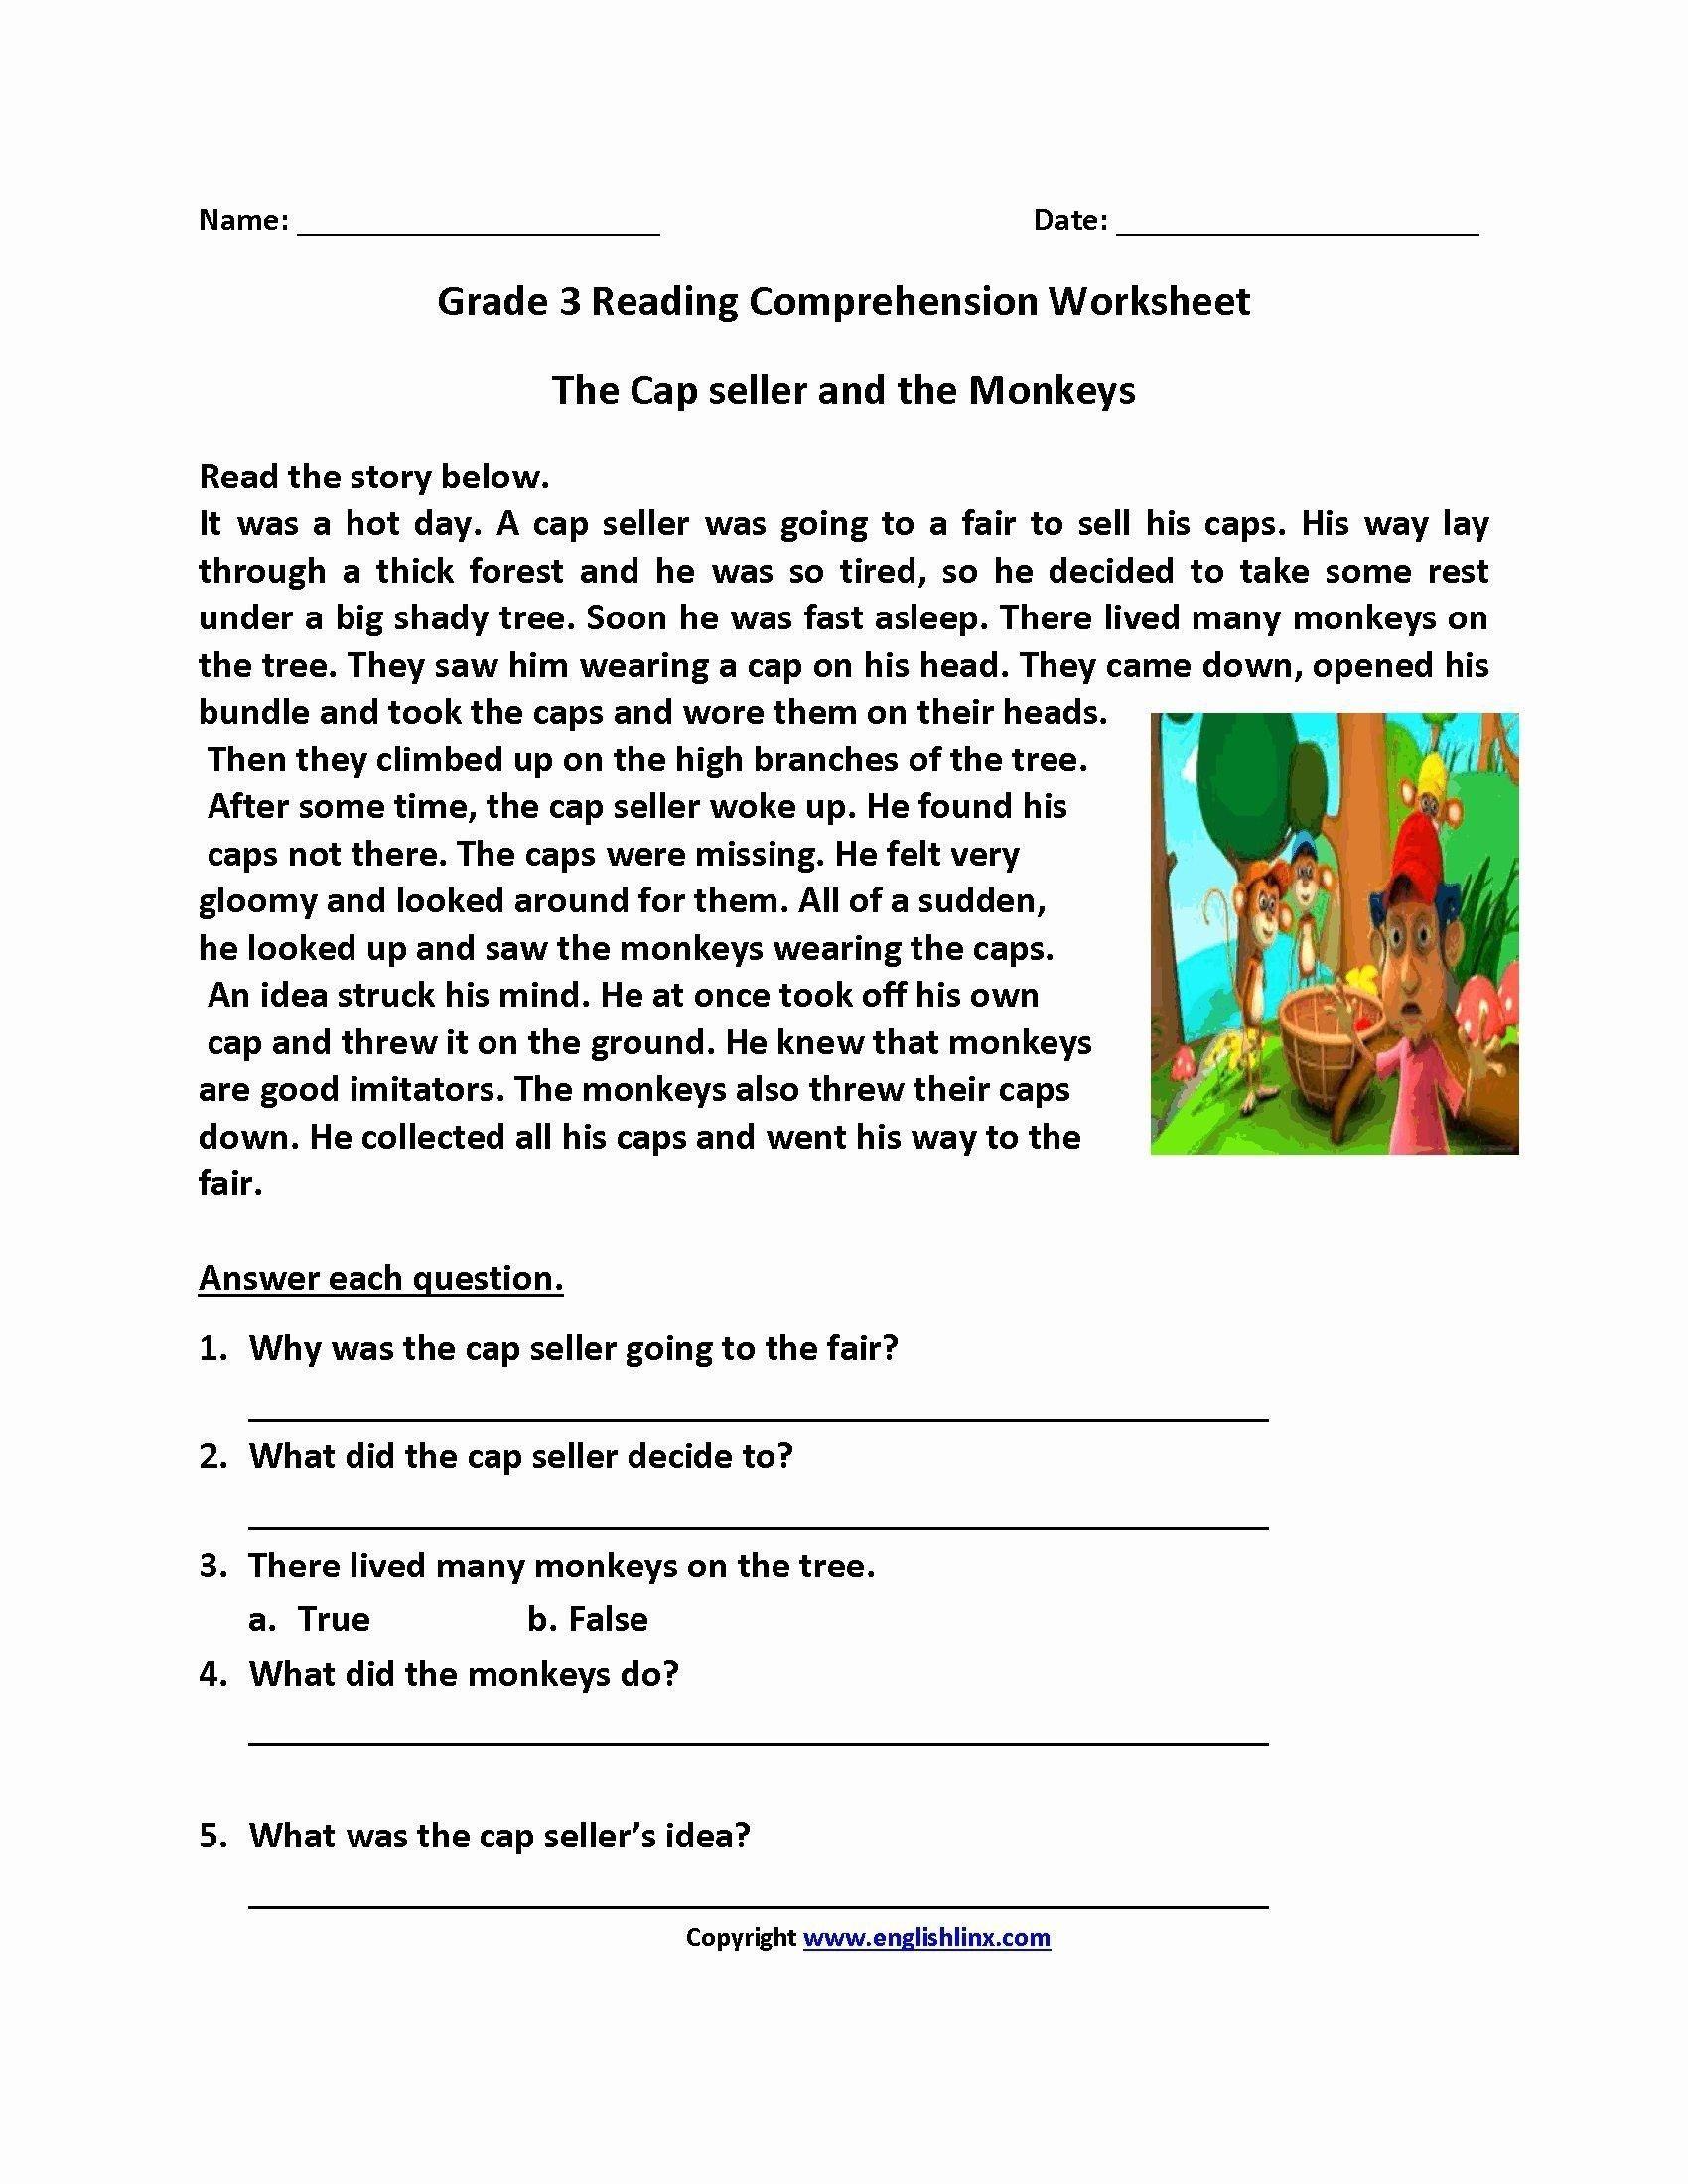 Comprehension Worksheets Grade 4 All About Workshe 3rd Grade Reading Comprehension Worksheets Third Grade Reading Worksheets Reading Comprehension Worksheets